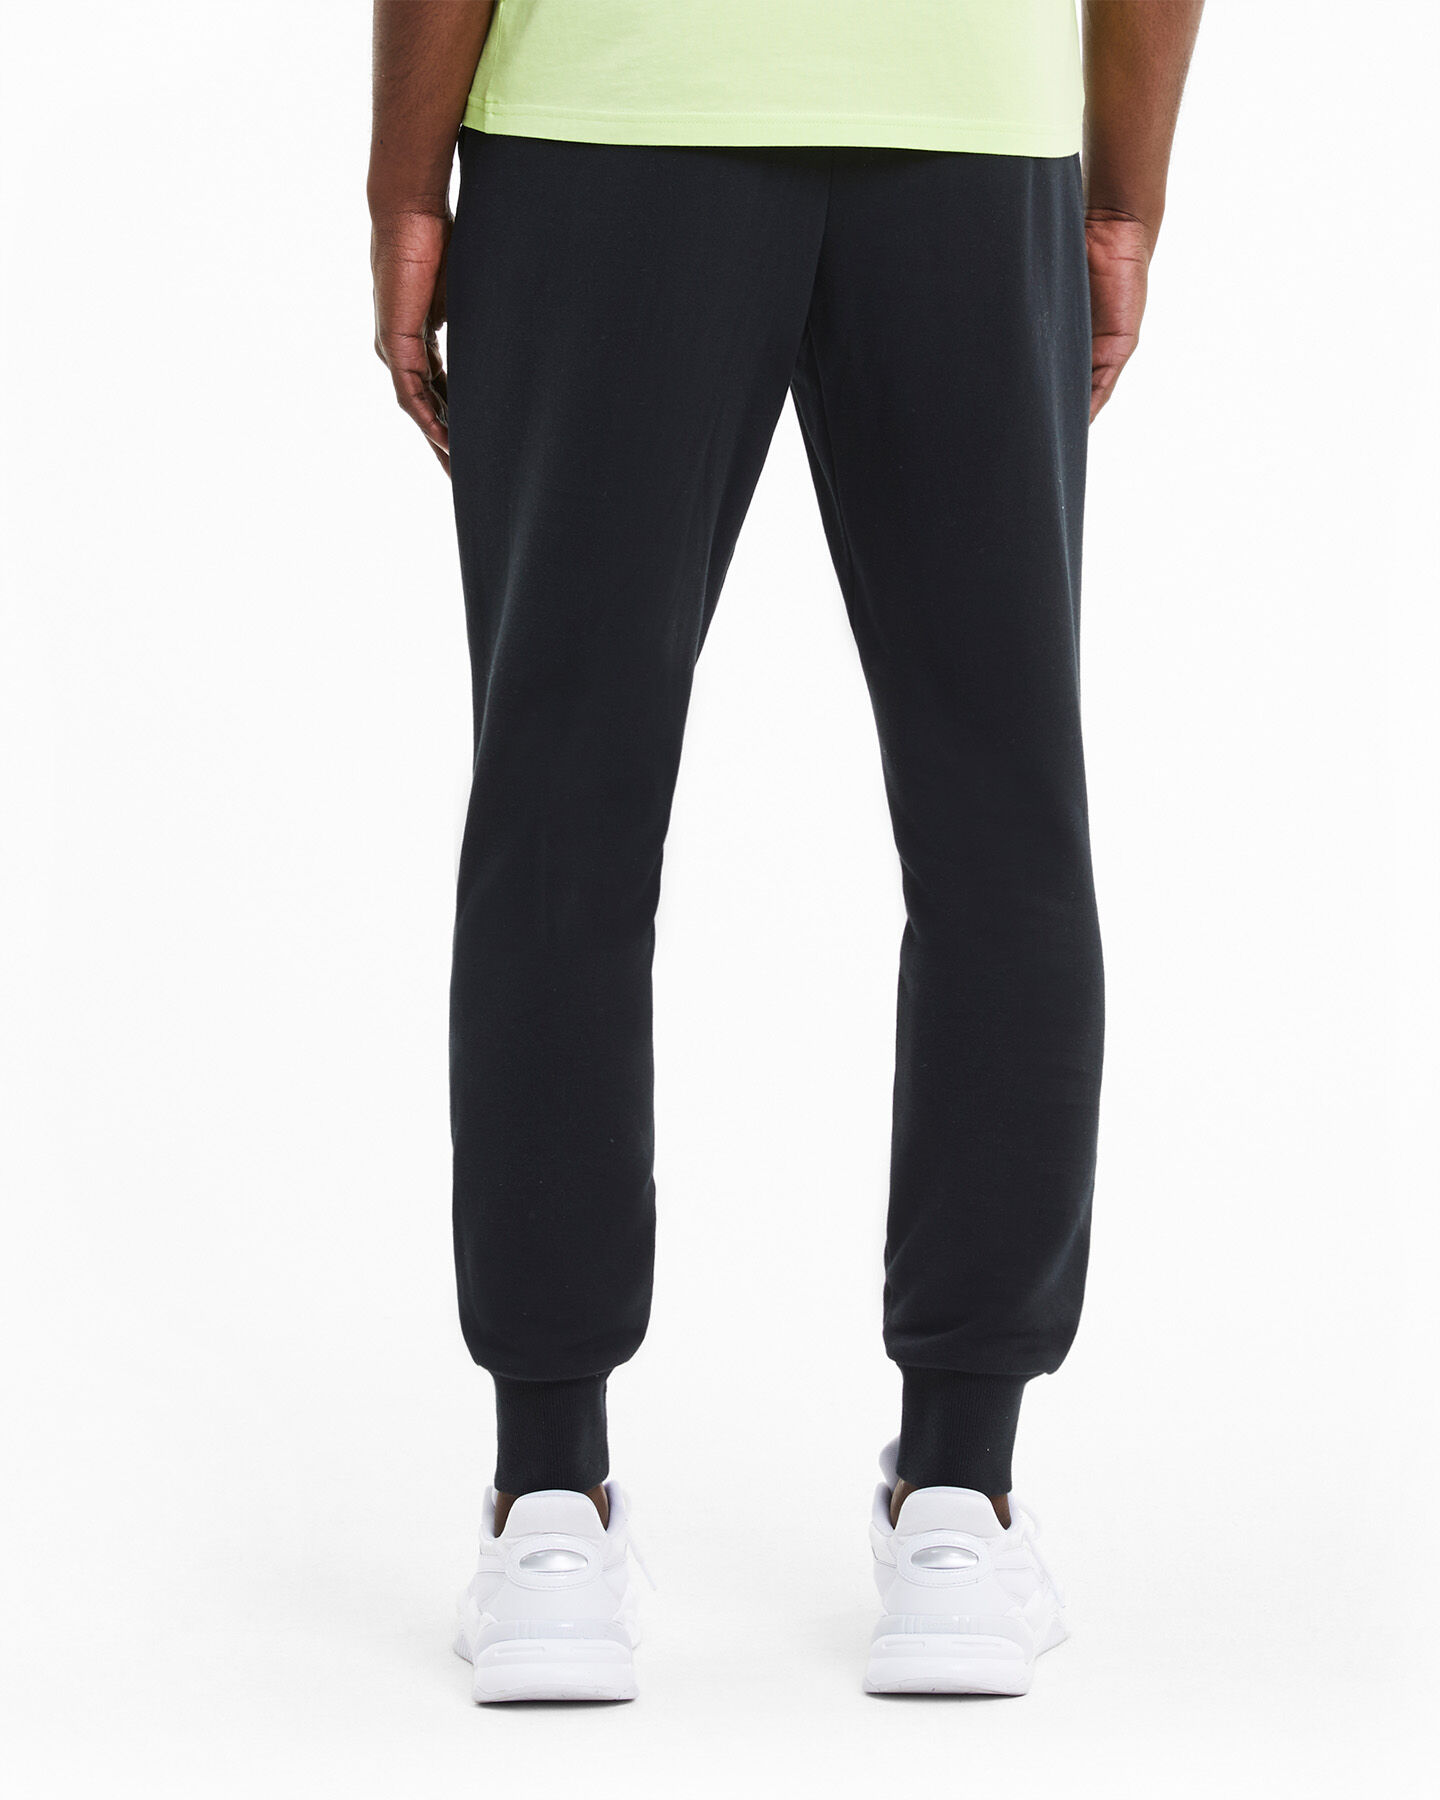 Pantalone PUMA REBEL BLOCK M S5235166 scatto 3